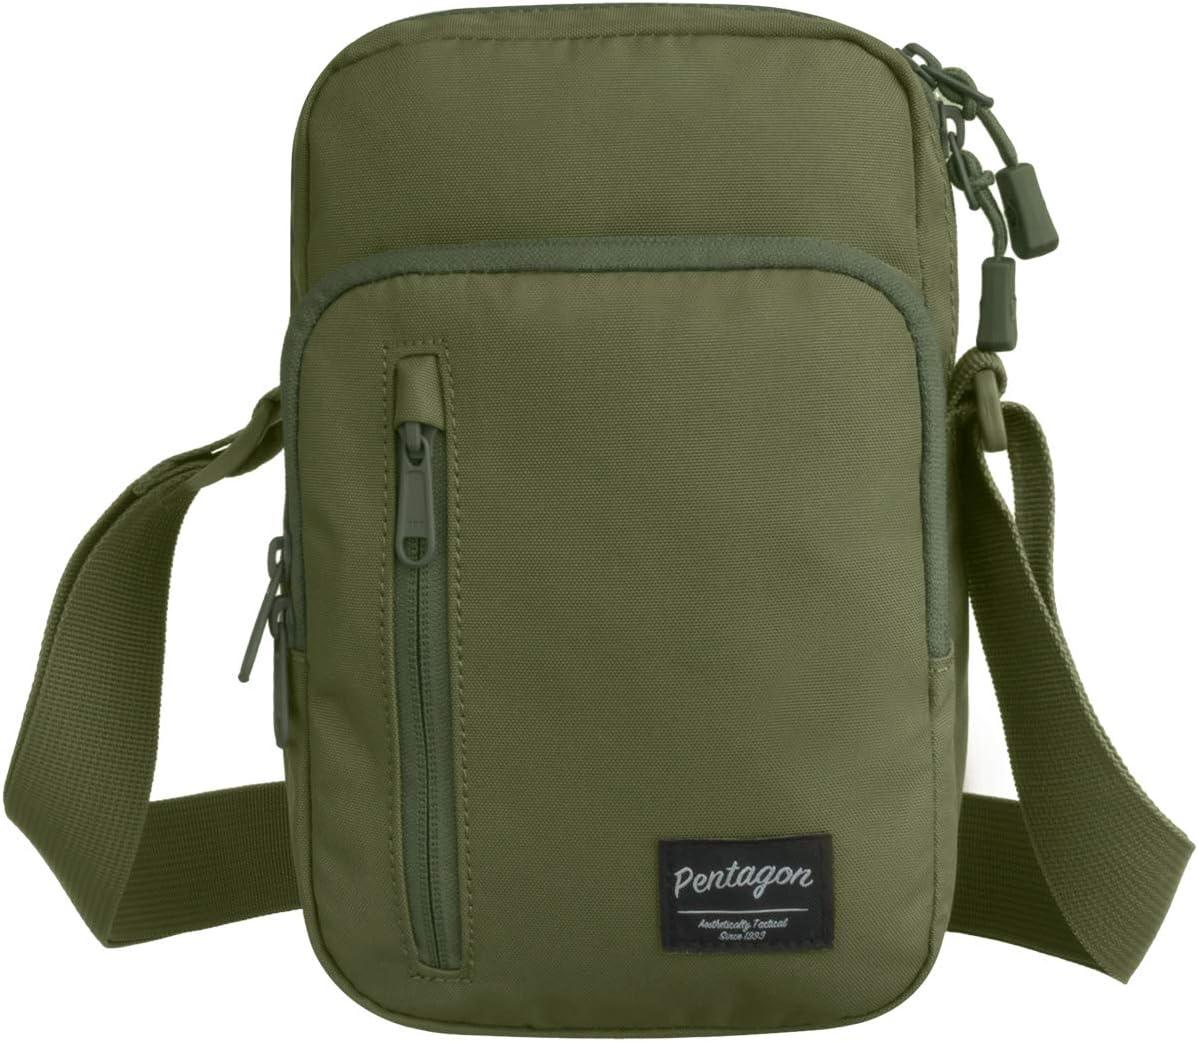 Pentagon Messenger Utility Bag Olive